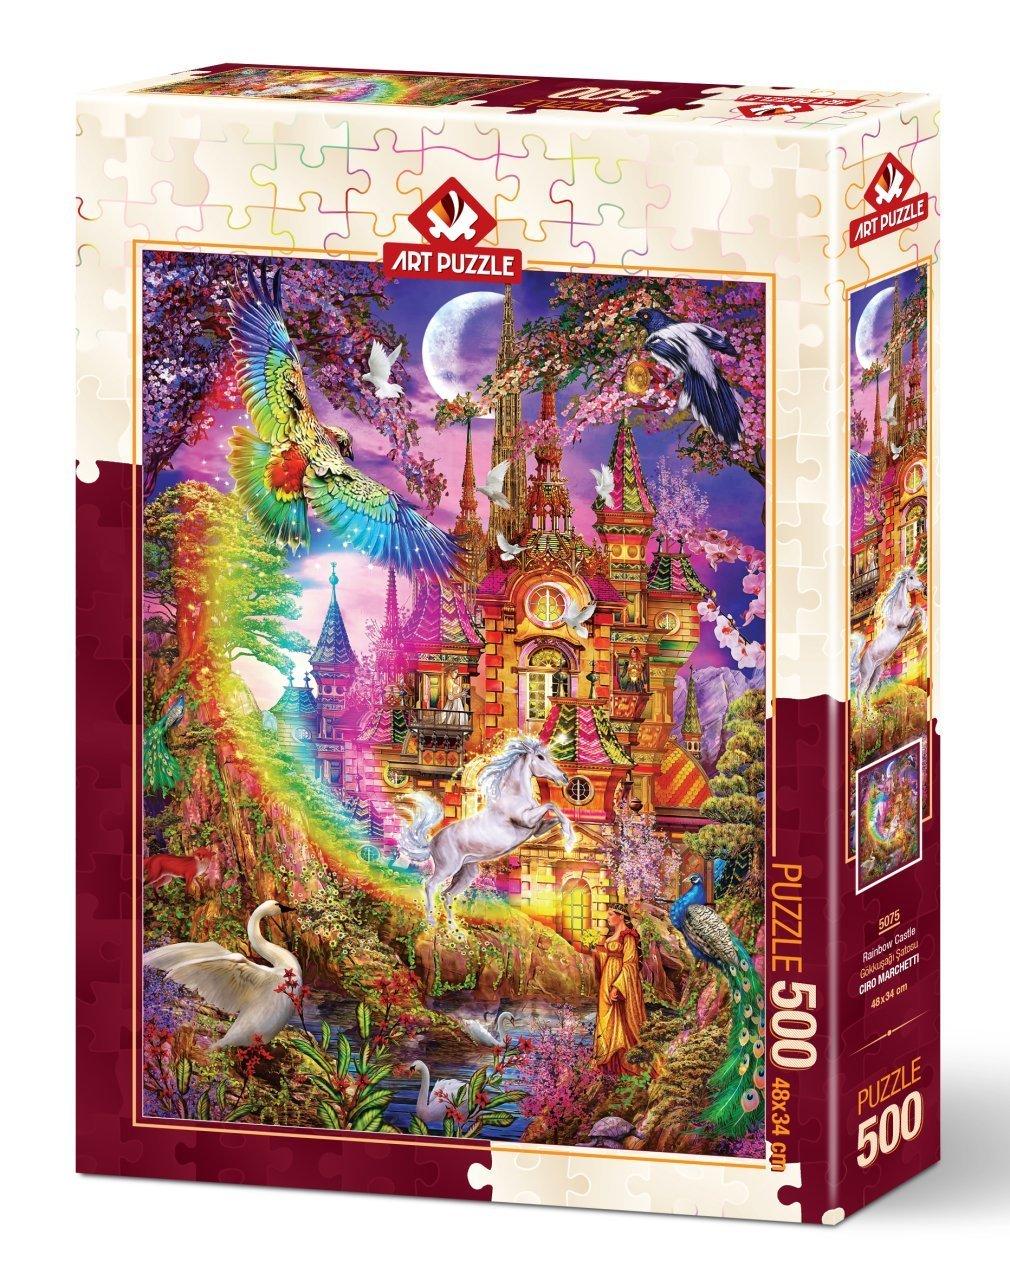 Puzzle Art Puzzle Castillo Arcoiris de 500 Piezas